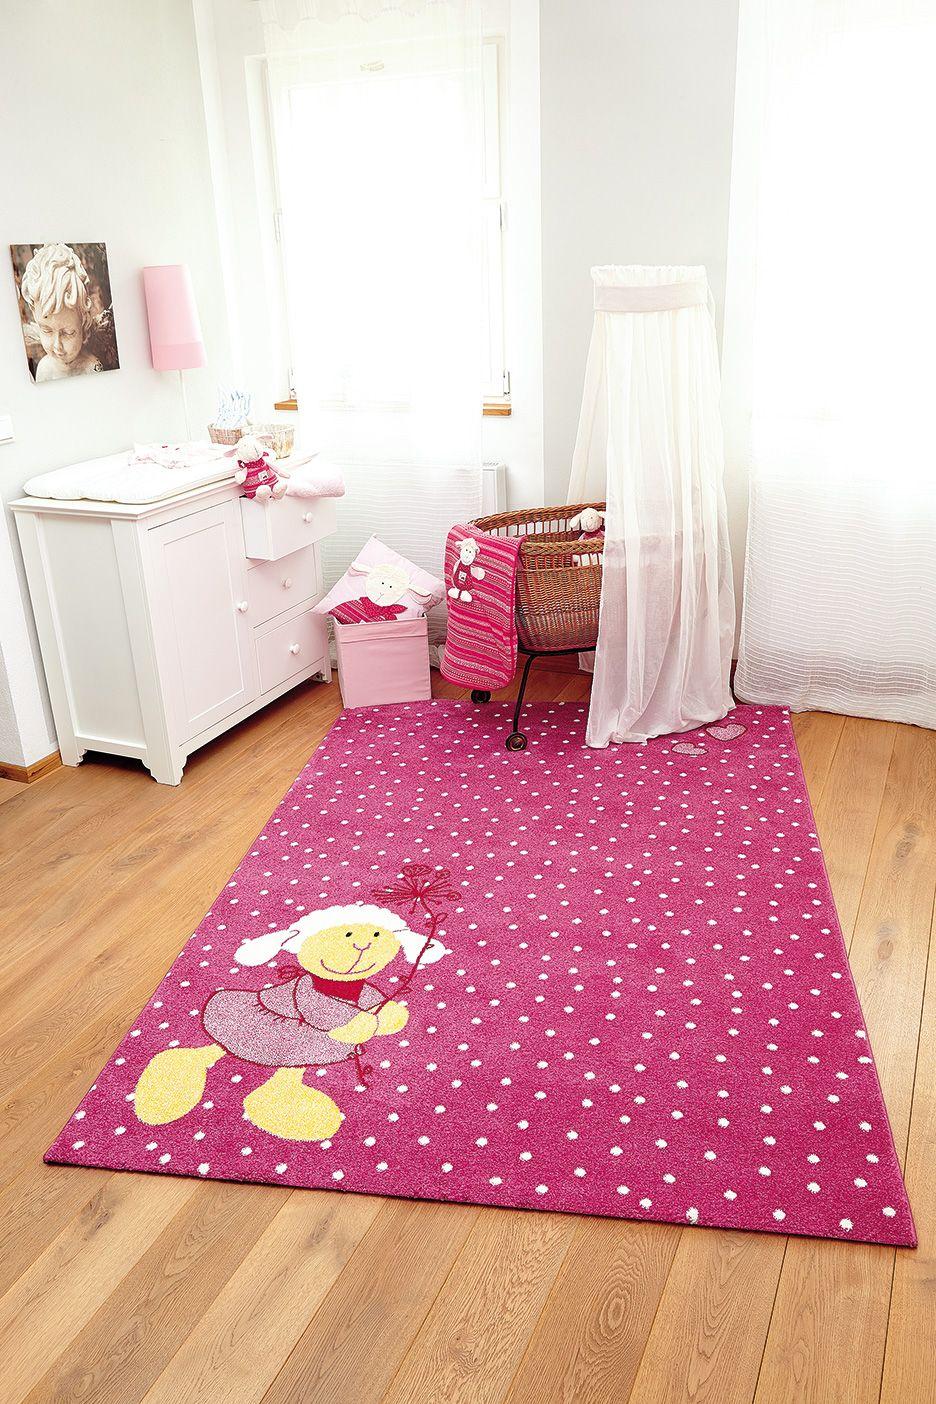 Traumhafter Teppich fürs Babyzimmer. Hier fühlen sich kleine ...